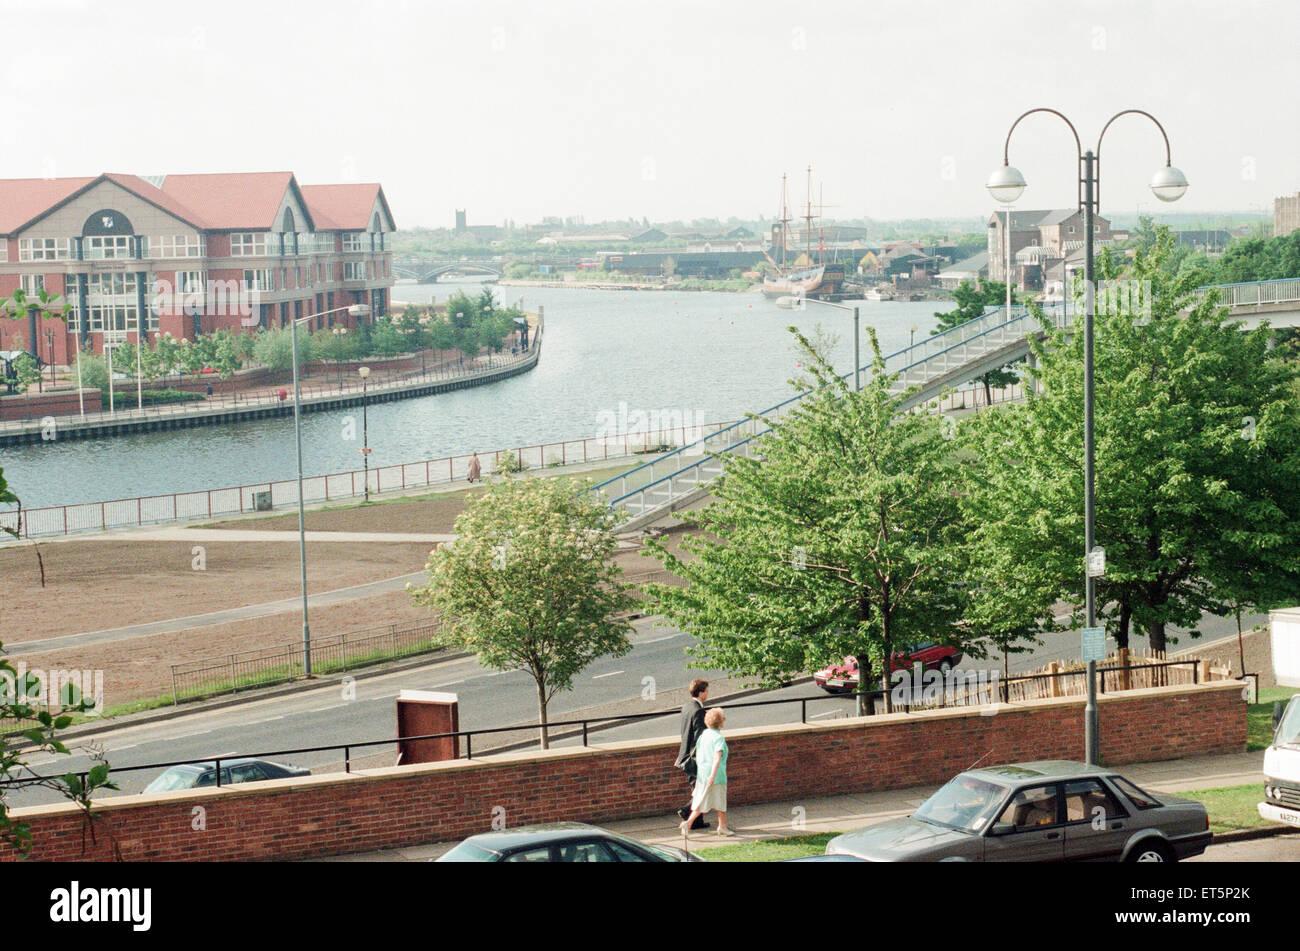 Stockton Riverside Desarrollo, 1 de junio de 1995. Foto de stock